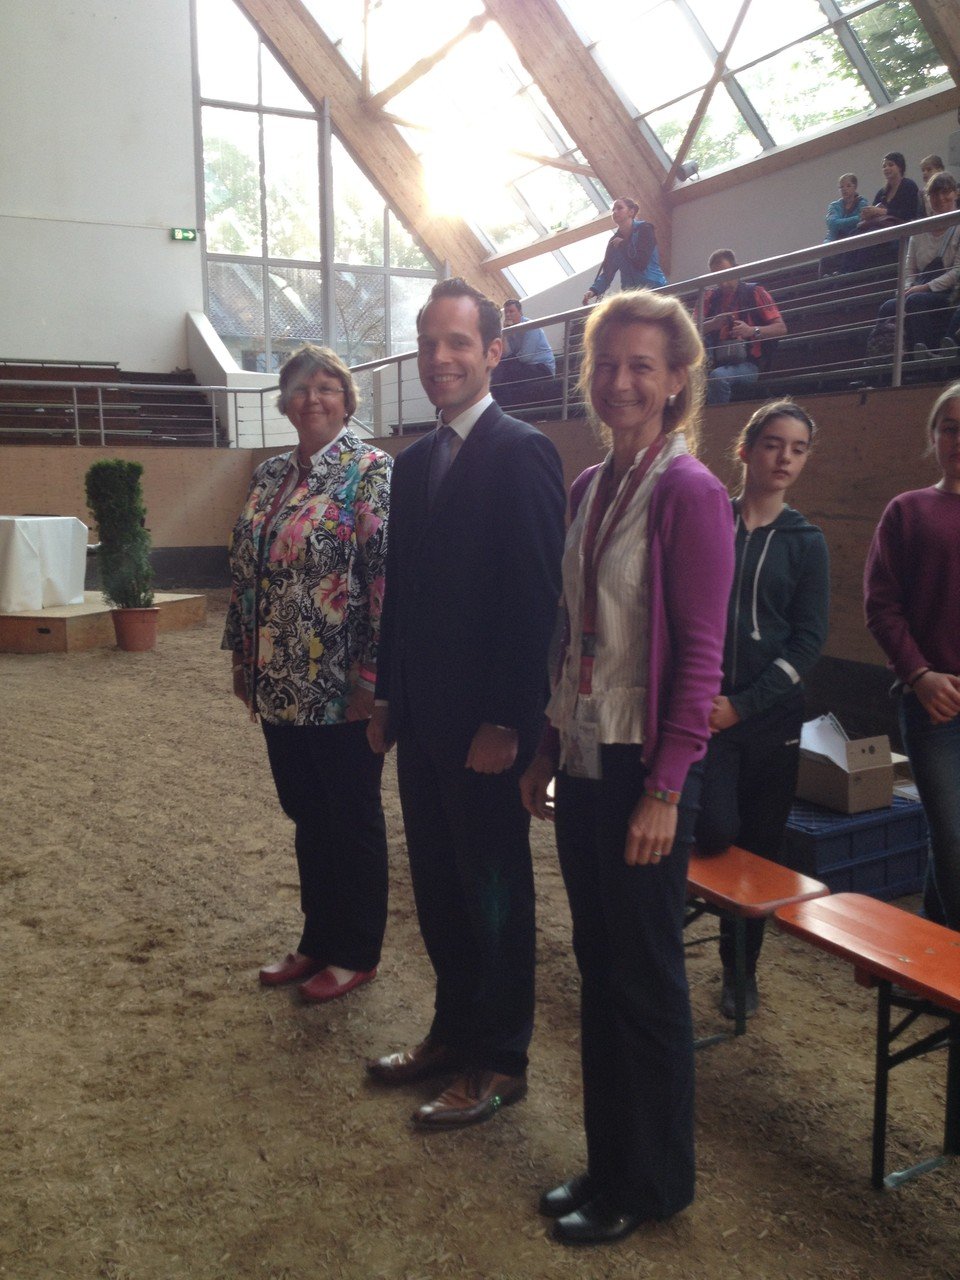 Konnten auch nach zehn Stunden noch strahlen  - das Richterteam mit Evelyn Wasmer, Dennis Ahrens und Ute Ganzer